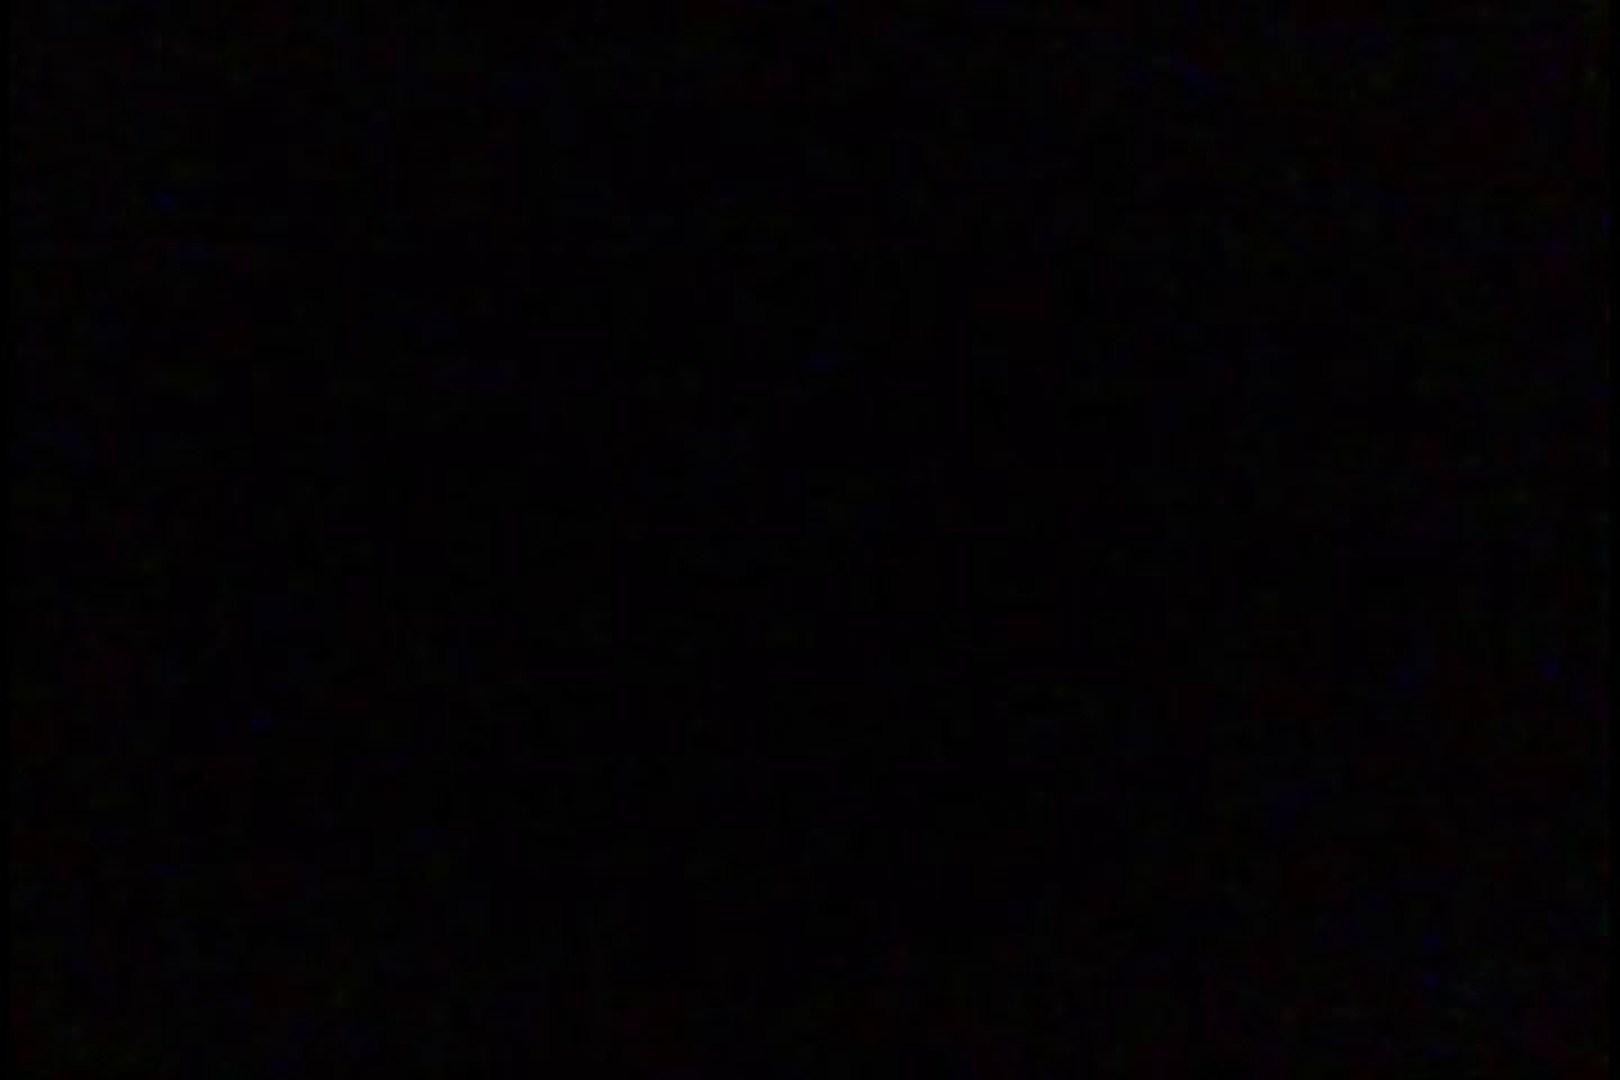 独占厠盗撮!バレません! vol.05 盗撮師作品 | 美しいOLの裸体  89pic 89